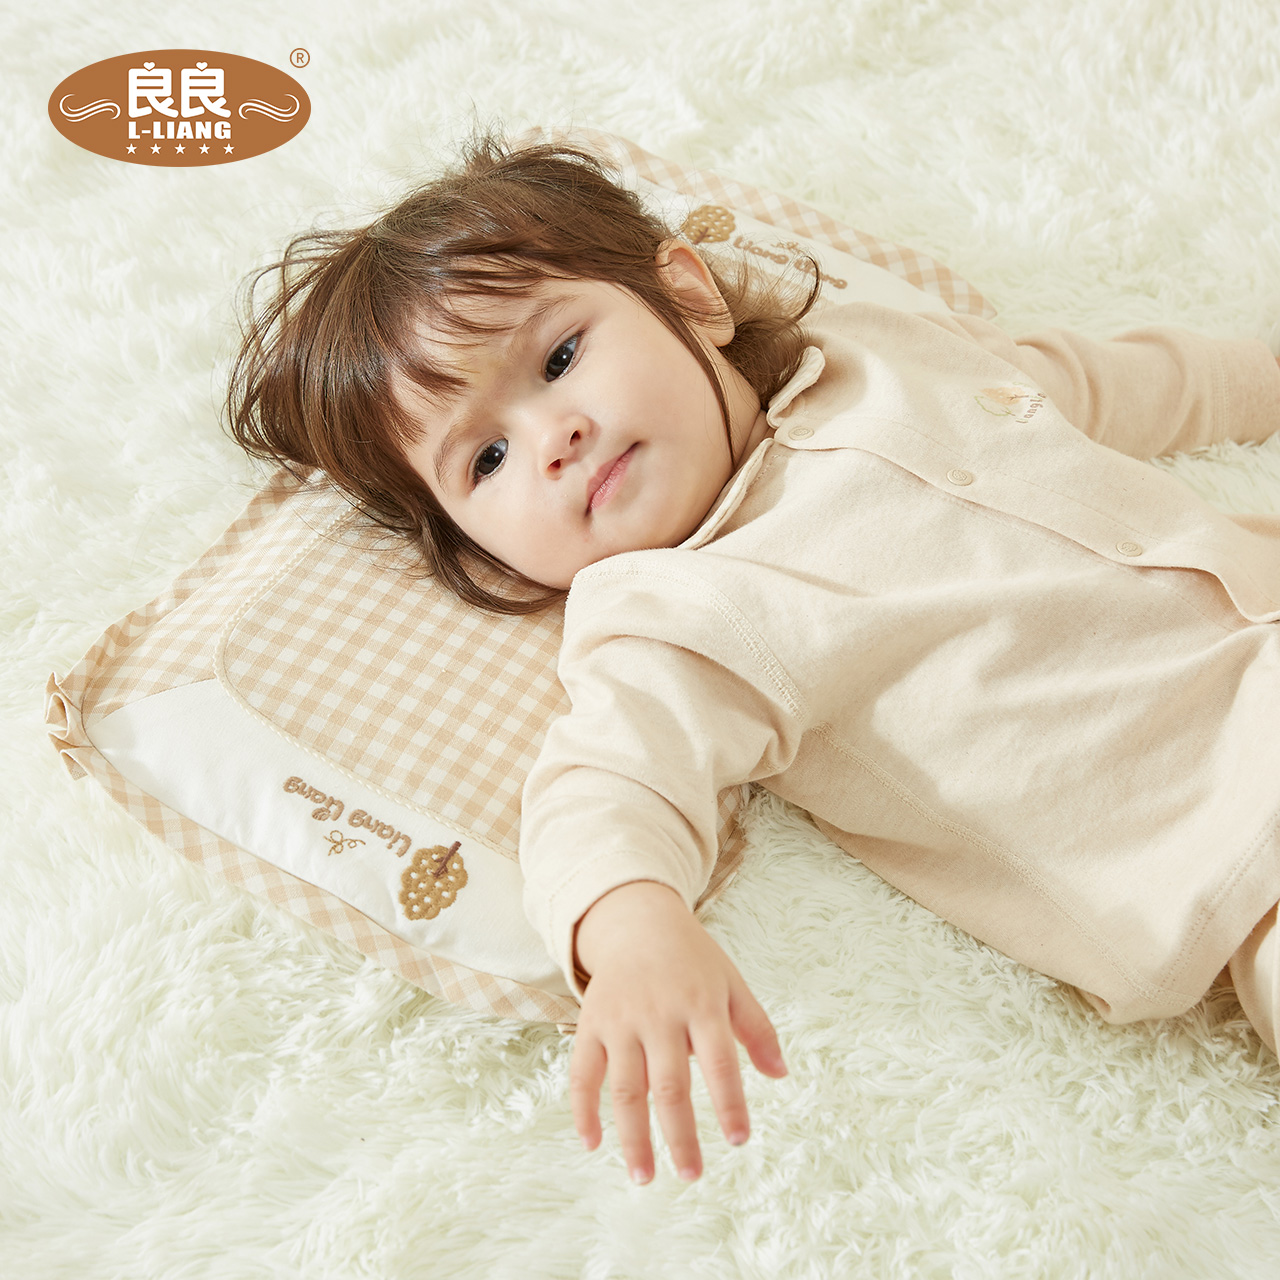 良良枕 0-3岁婴儿枕头新生儿护头枕宝宝儿童加长护形枕头防偏头